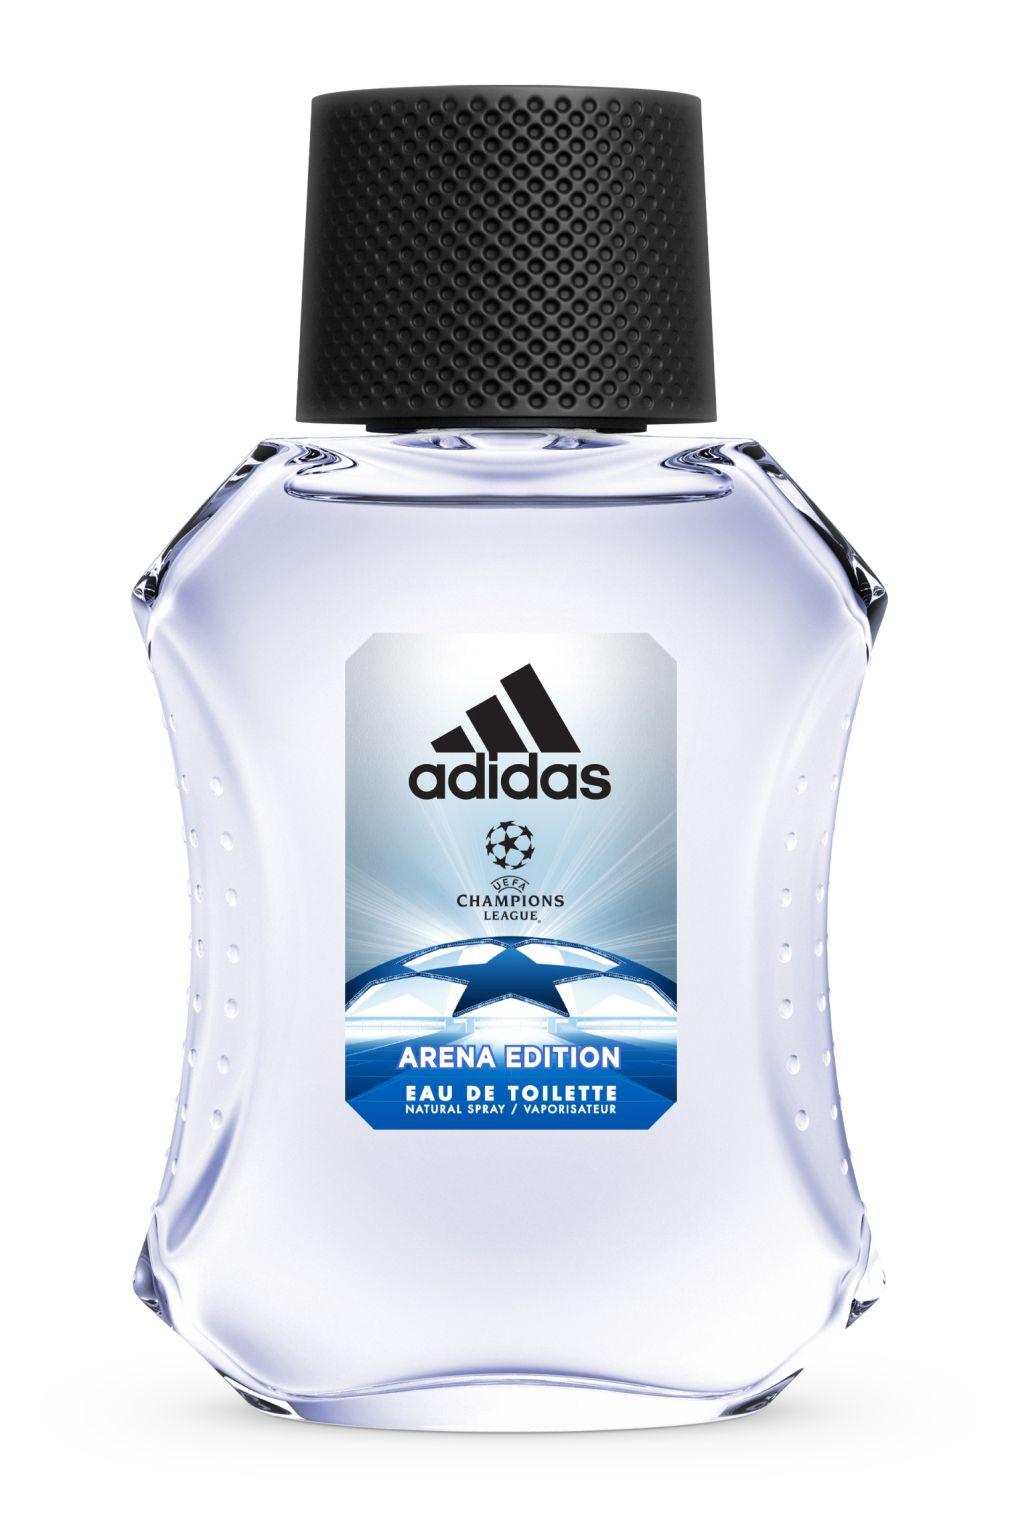 Парфюмерия Adidas купить в Москве в интернетмагазине